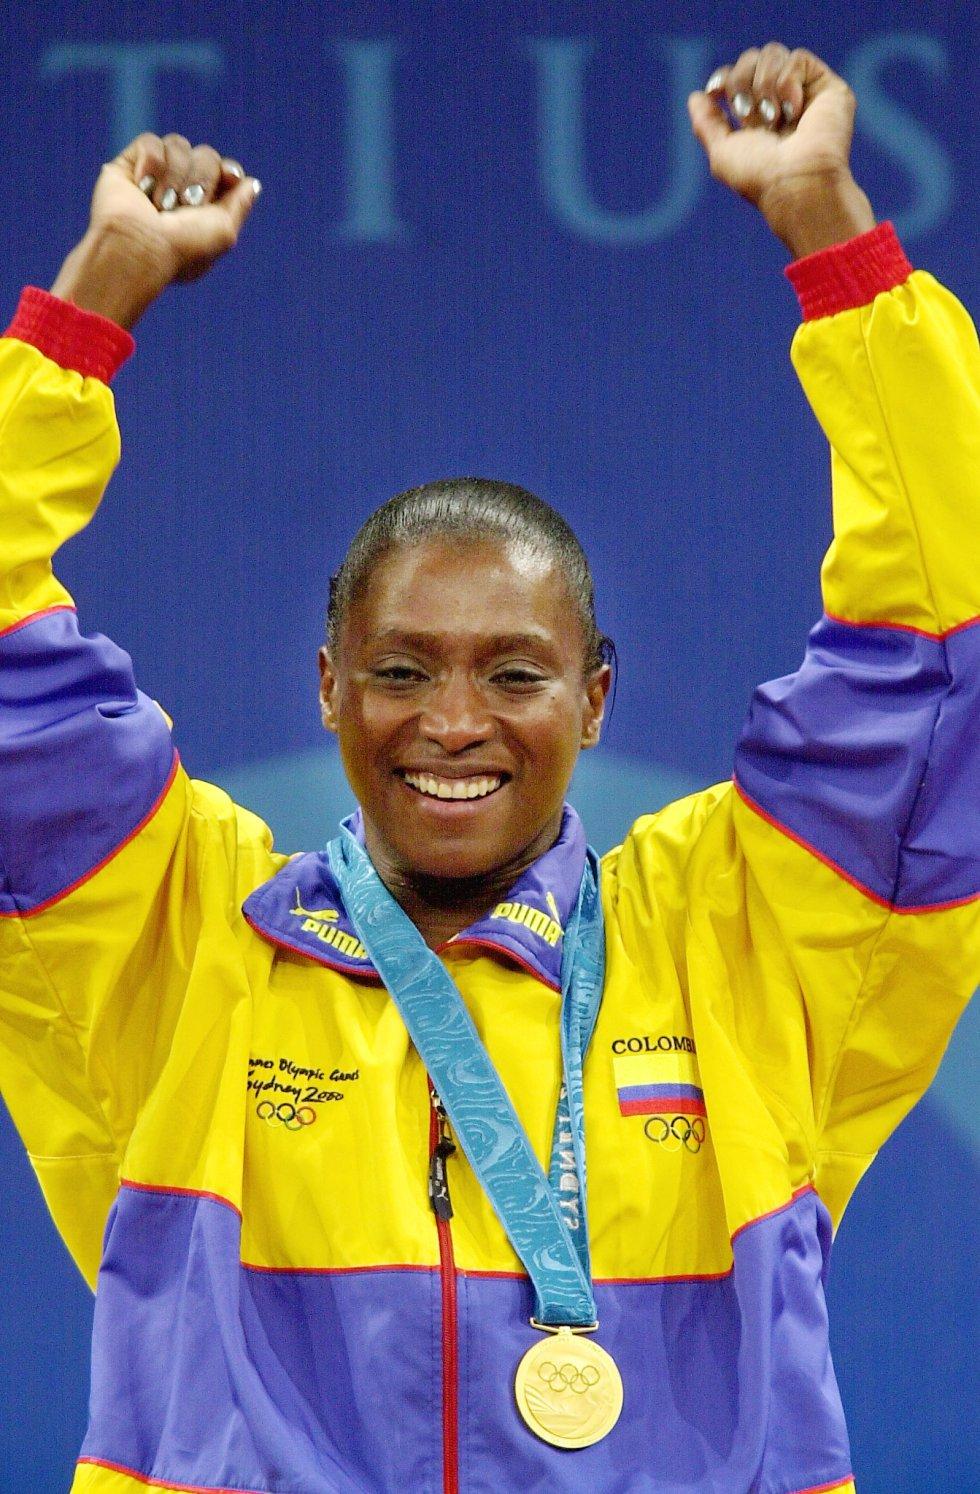 Levantamiento de pesas - Primera atleta colombiana en obtener una medalla de oro en unos Juegos Olímpicos